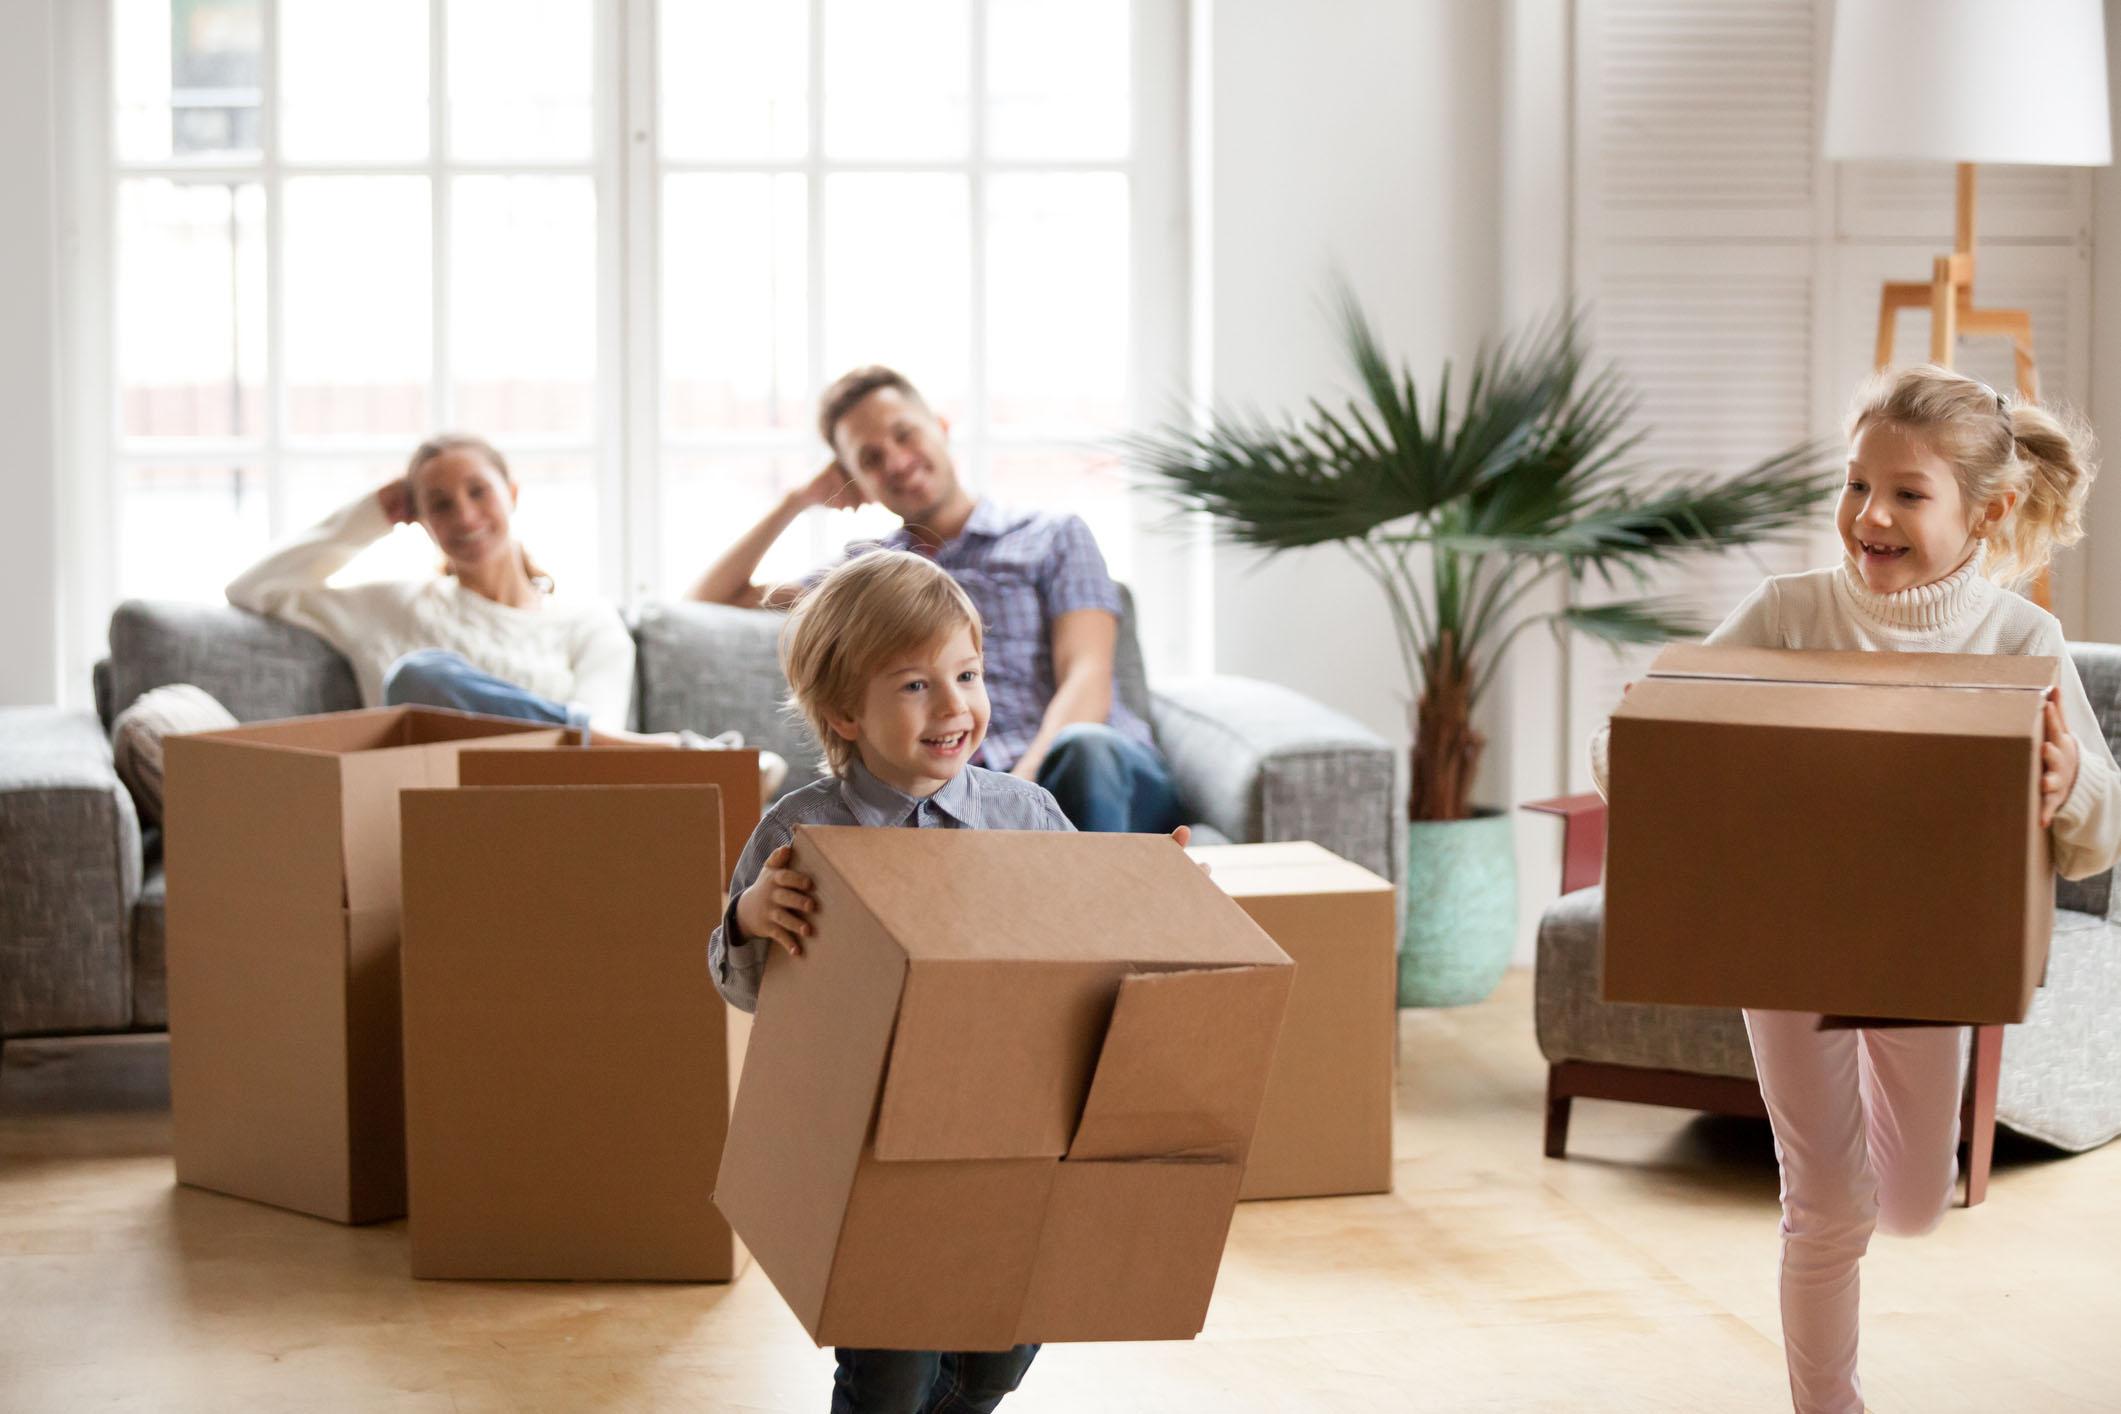 Resultado de imagem para crianças brincando dentro de casa